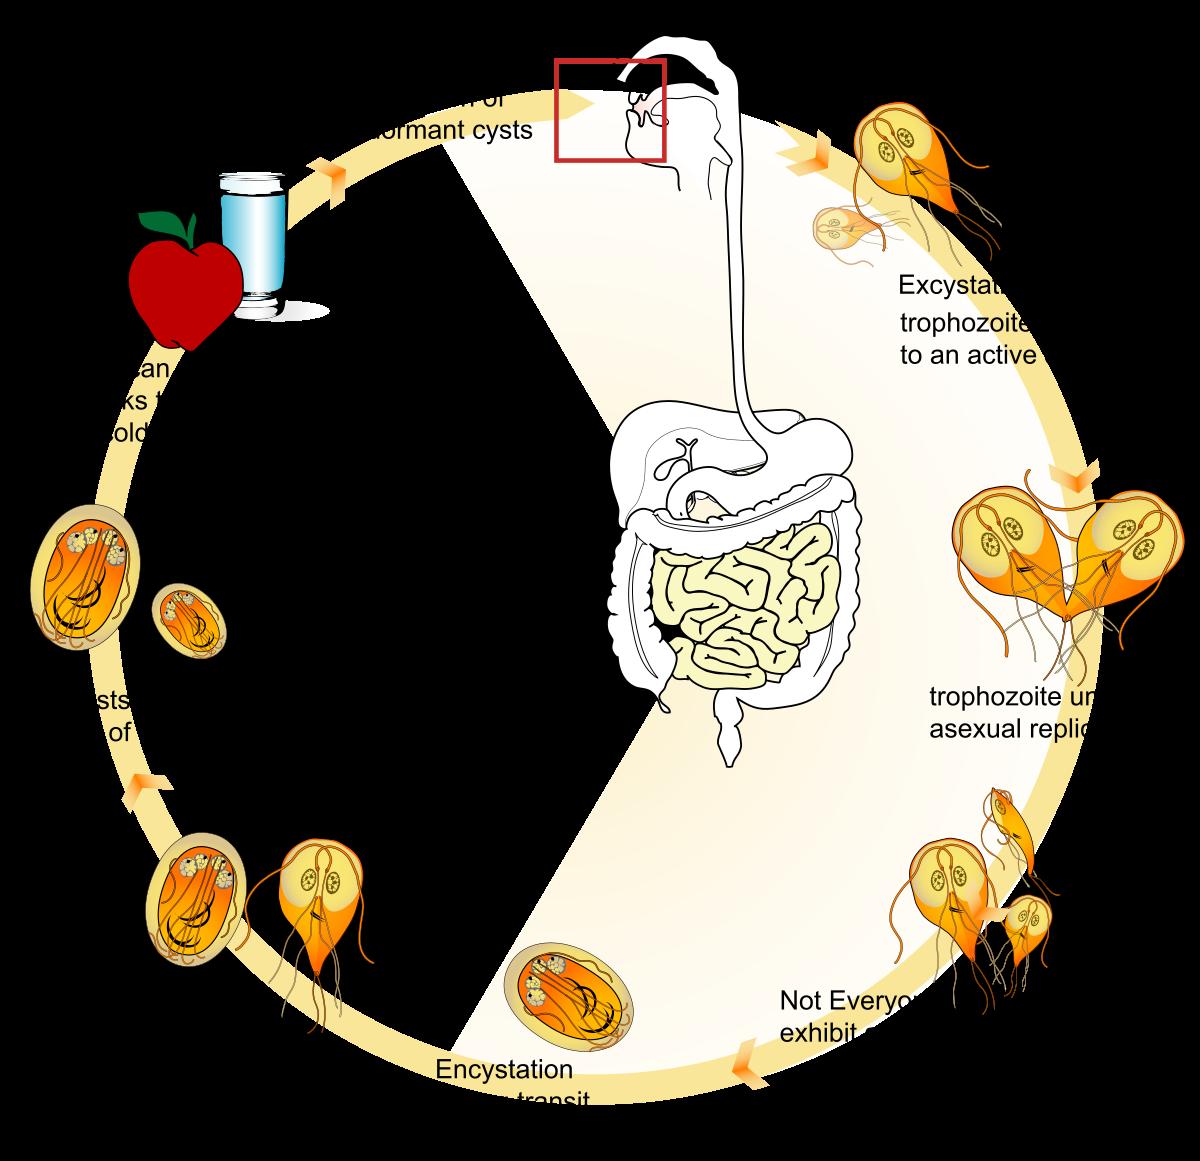 Giardia duodenalis quistes